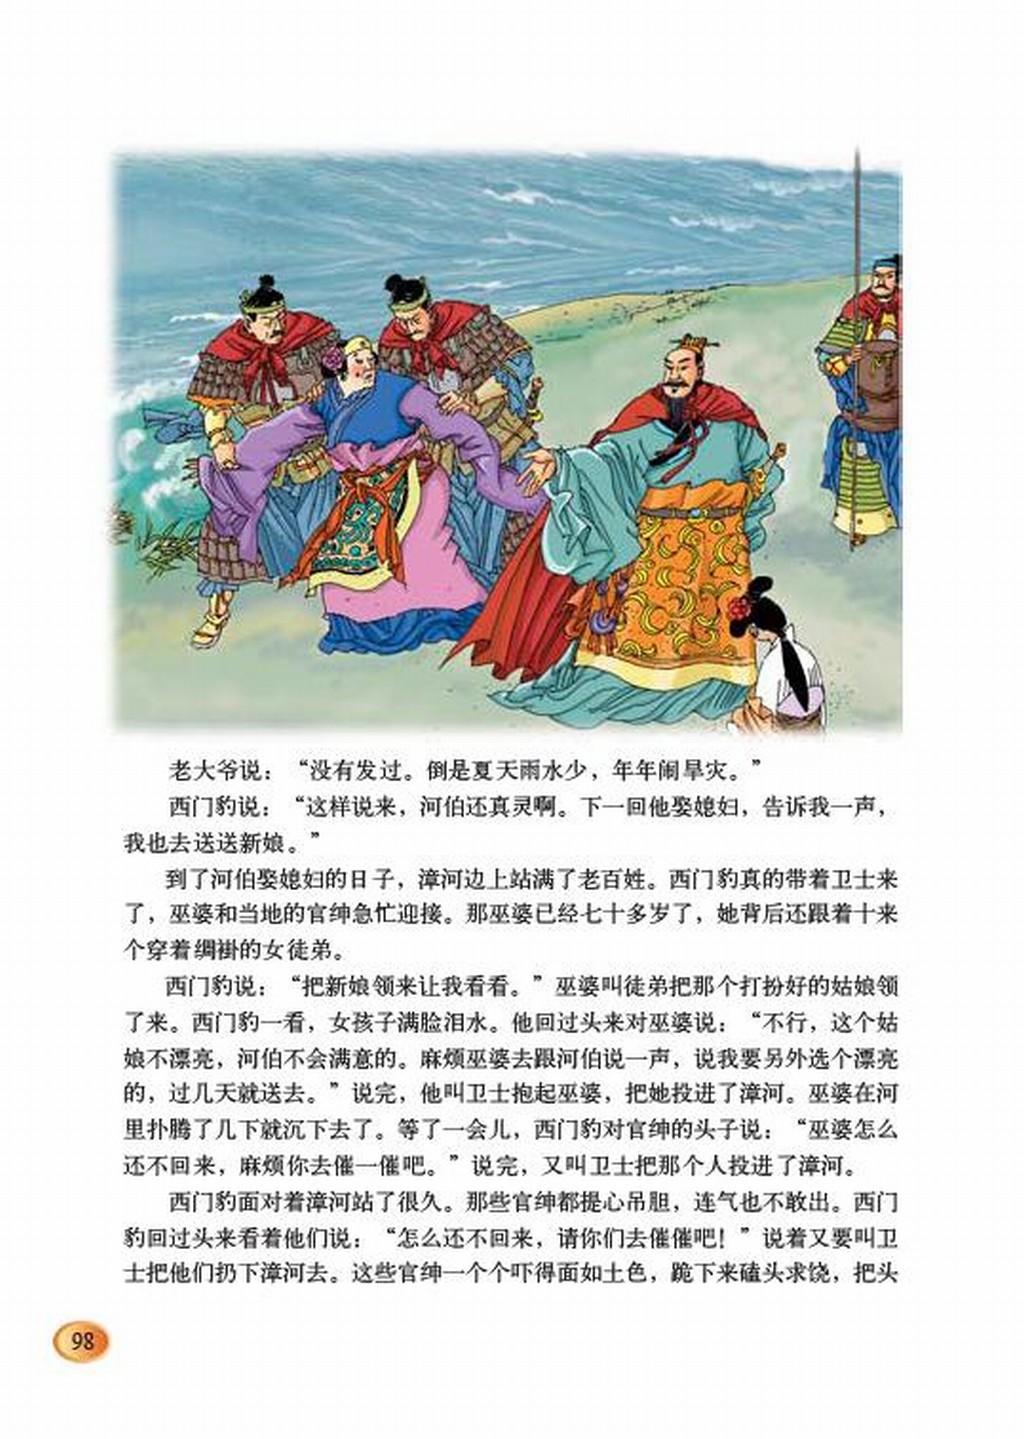 北师大版五年级语文下册第9单元 破除迷信